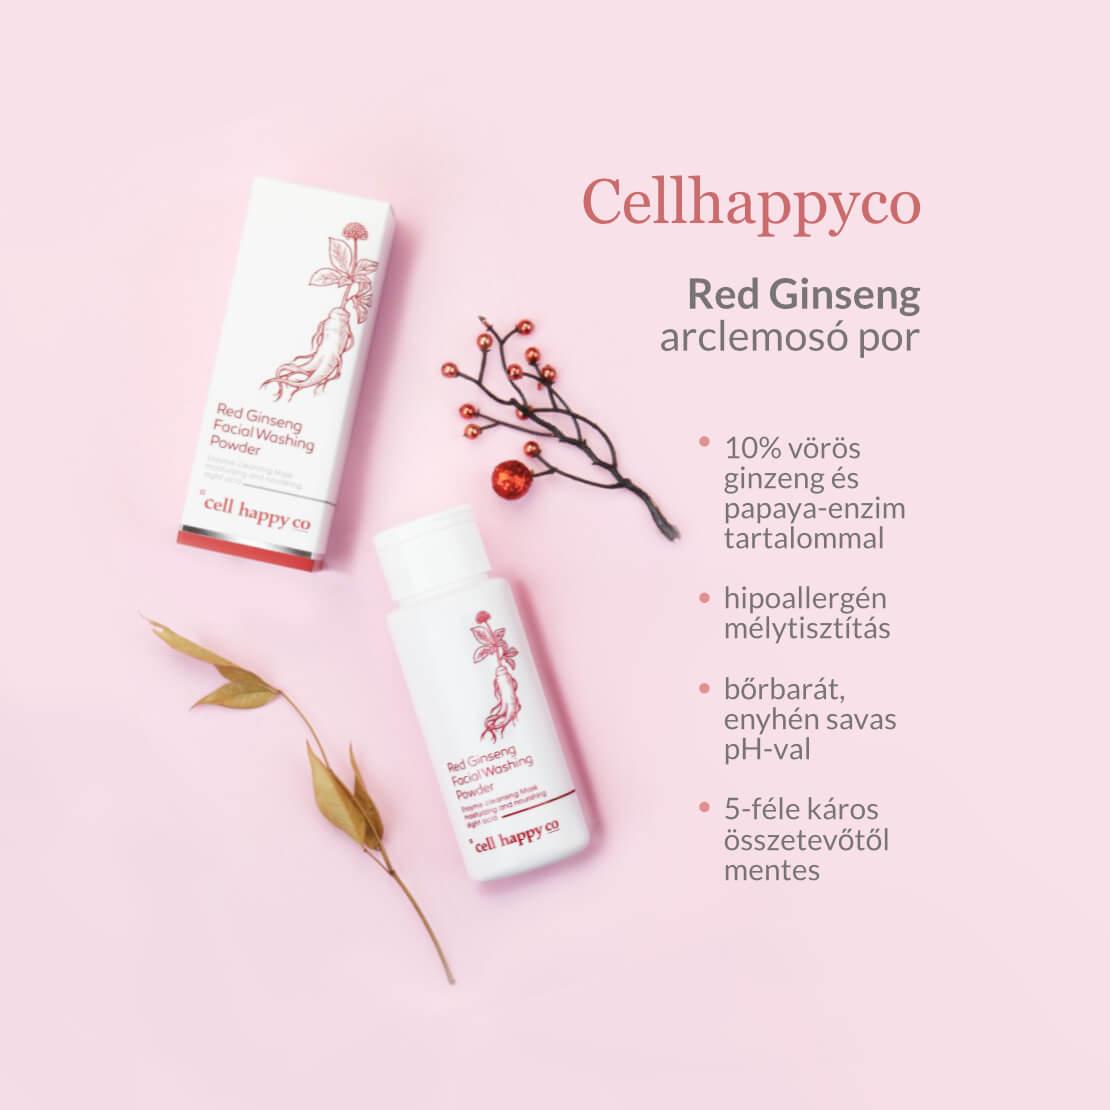 Cellhappyco-red-ginseng-arclemoso-por-leiras